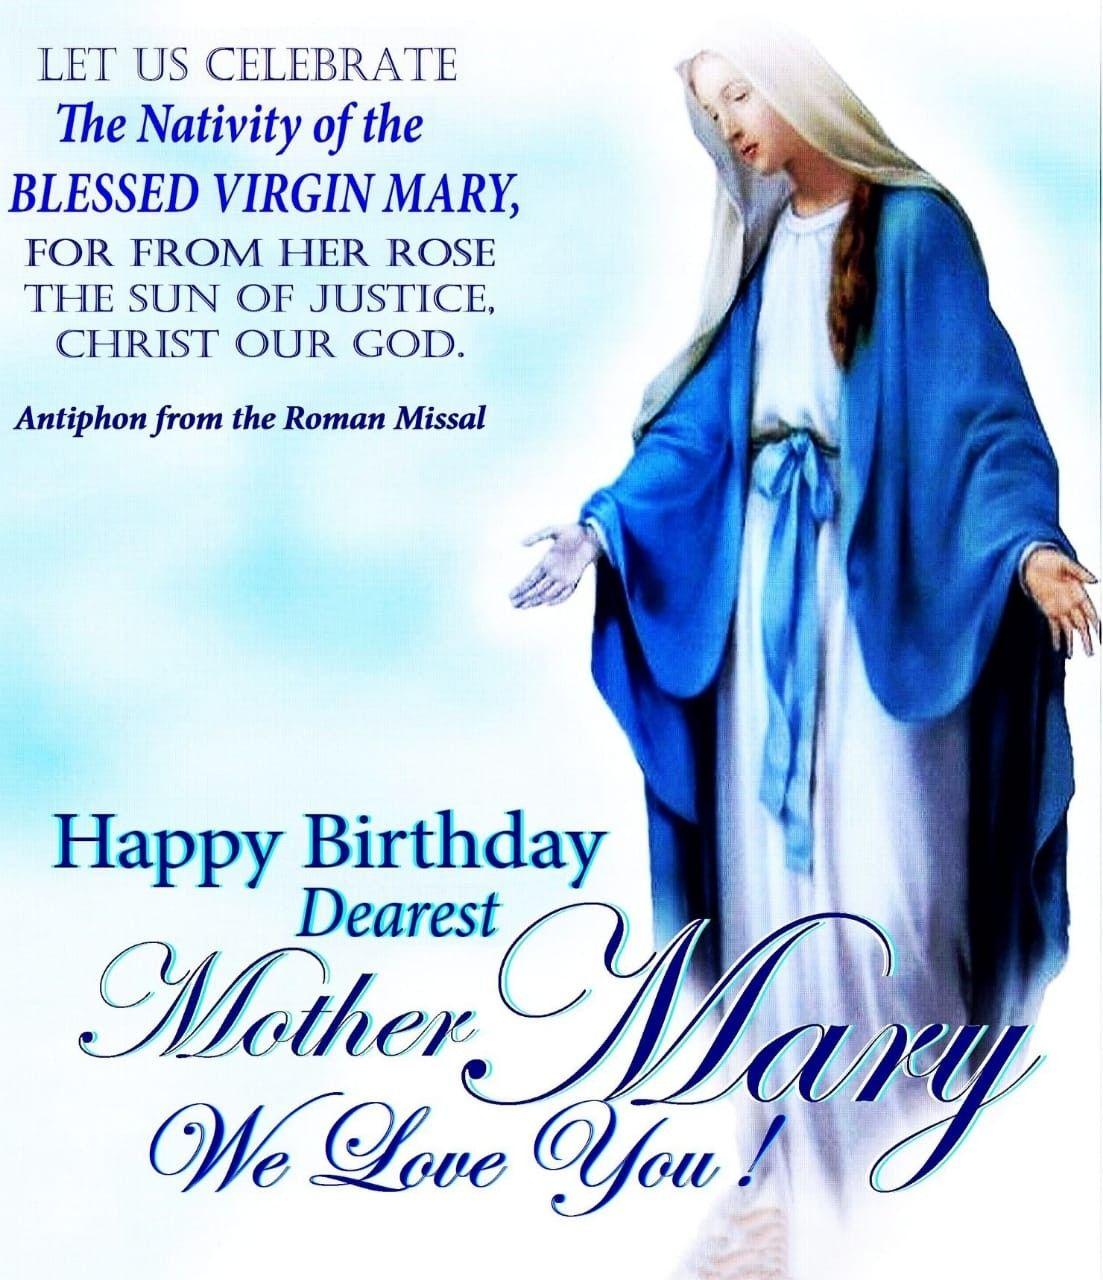 Nativity of the Blessed Virgin Mary September 8